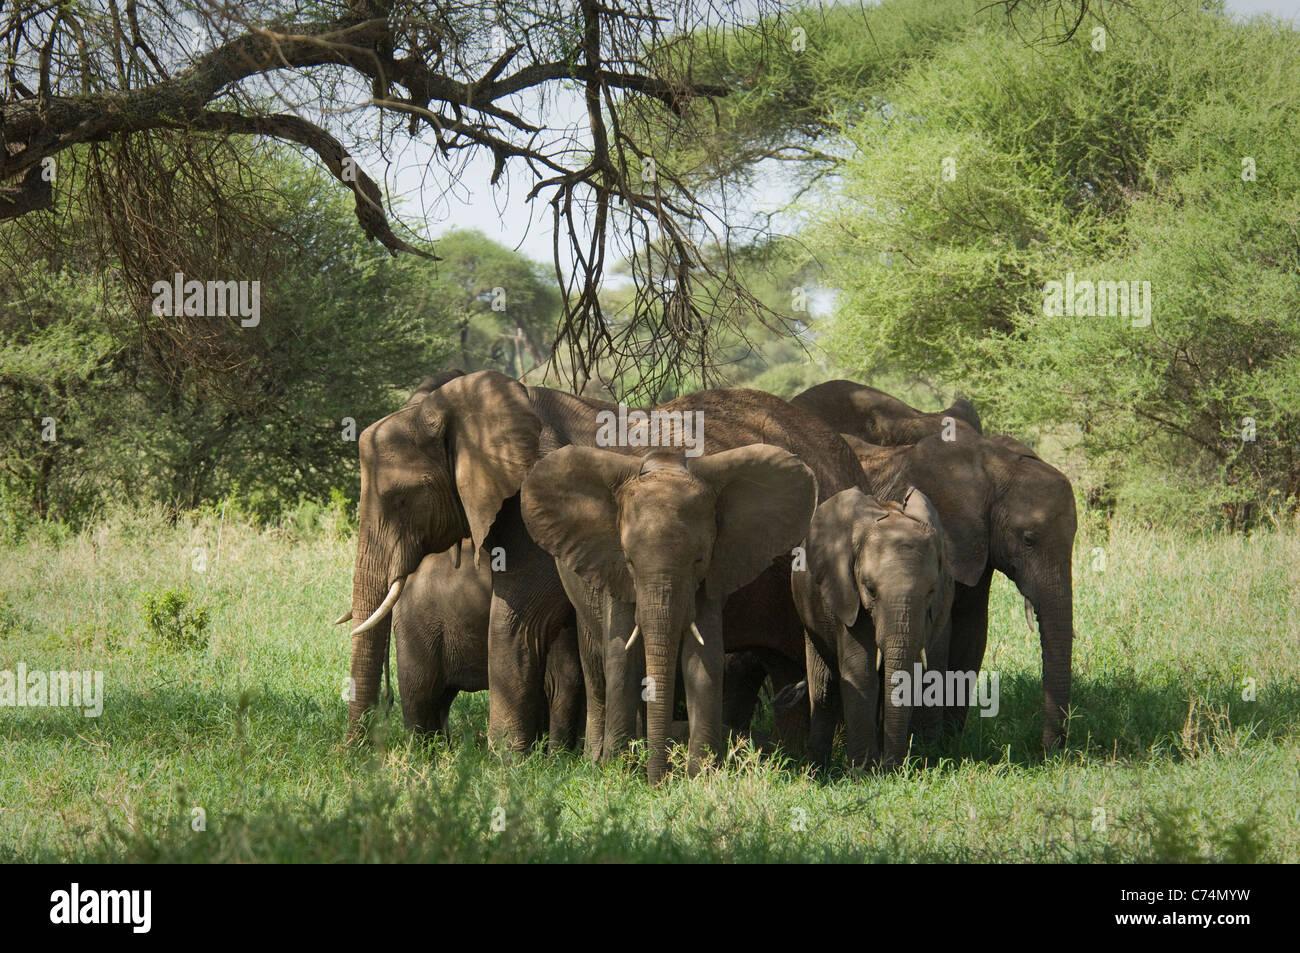 Africa, Tanzania, Tarangire-Elephants huddled together for safety - Stock Image